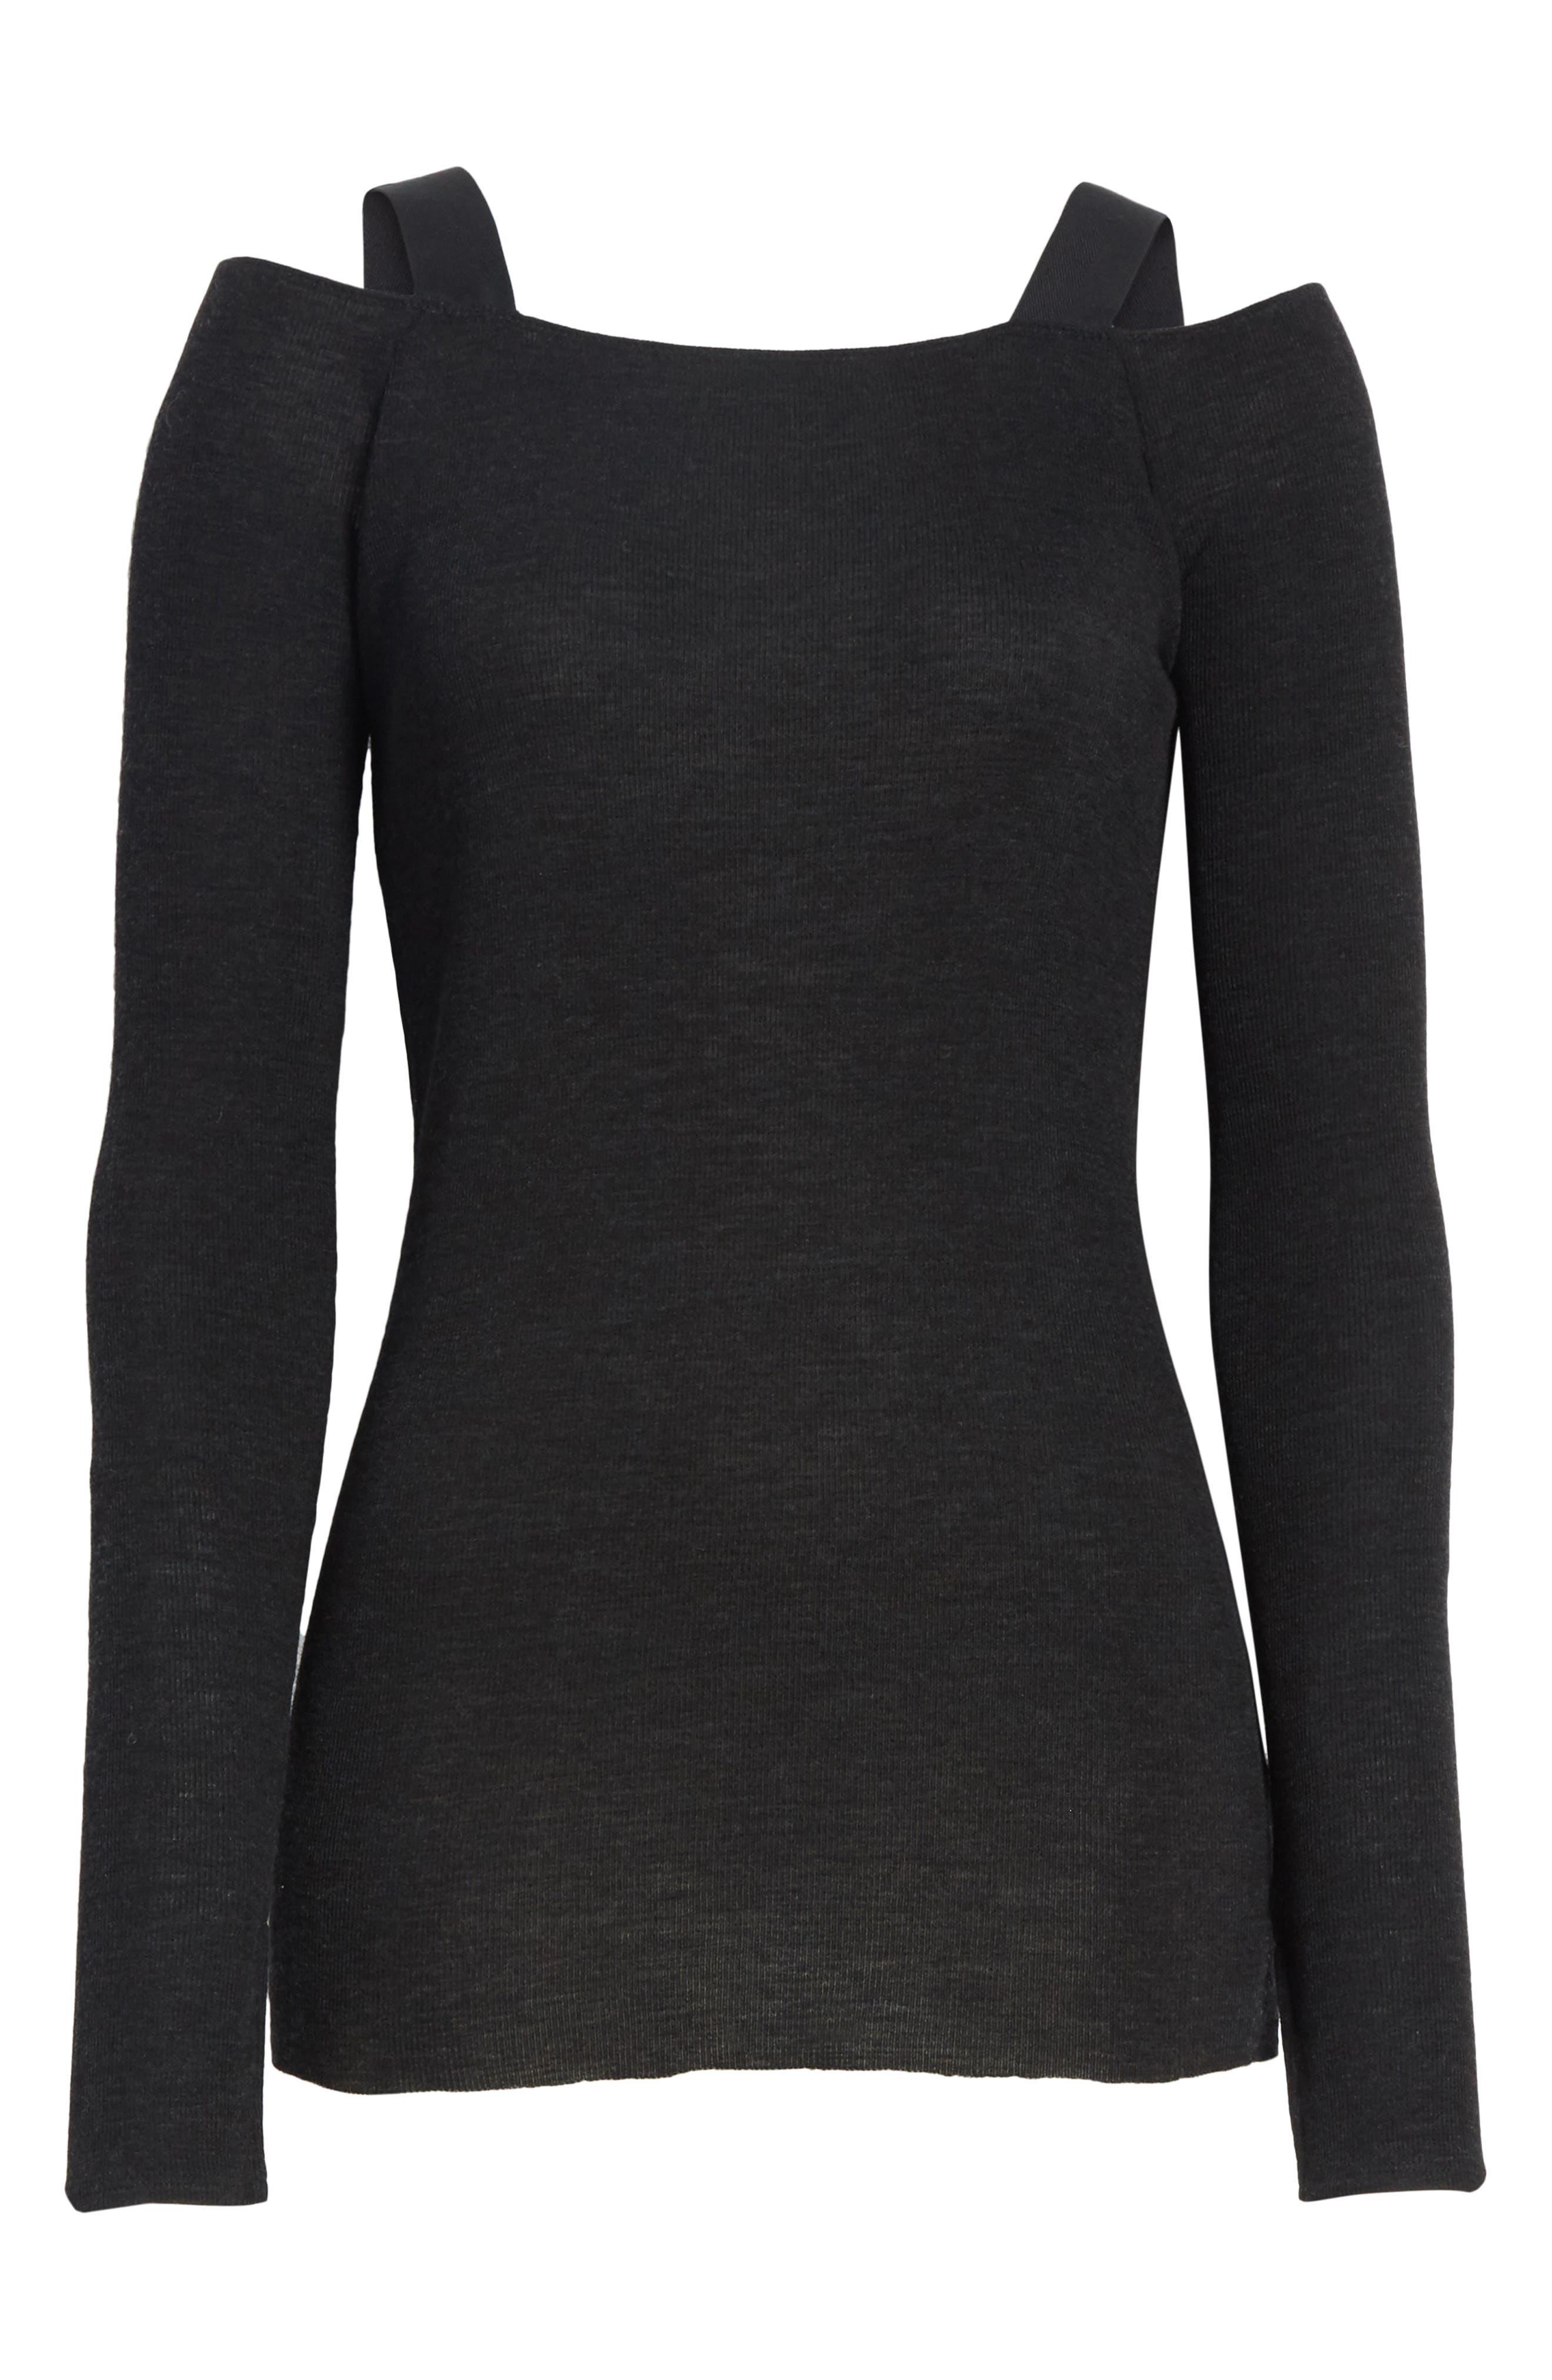 Surplus Off the Shoulder Knit Top,                             Alternate thumbnail 6, color,                             Black